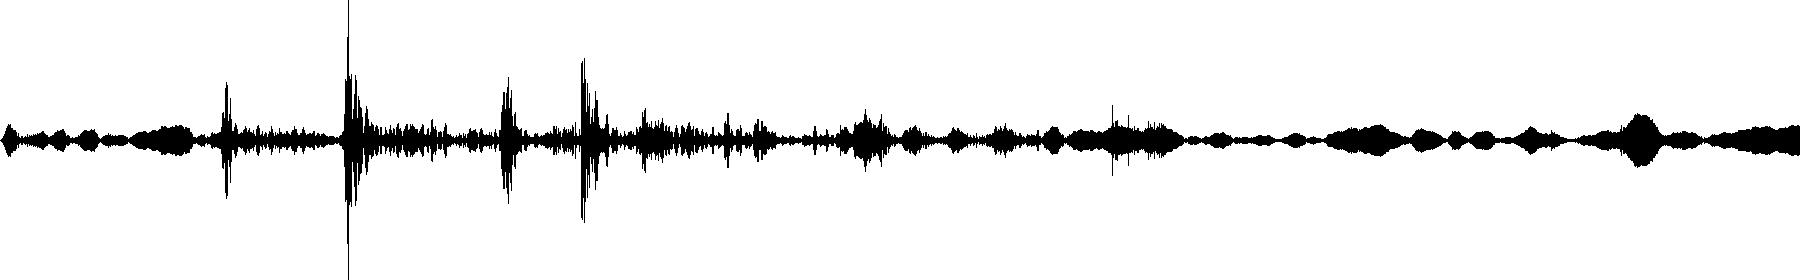 1 1 audio 1 6